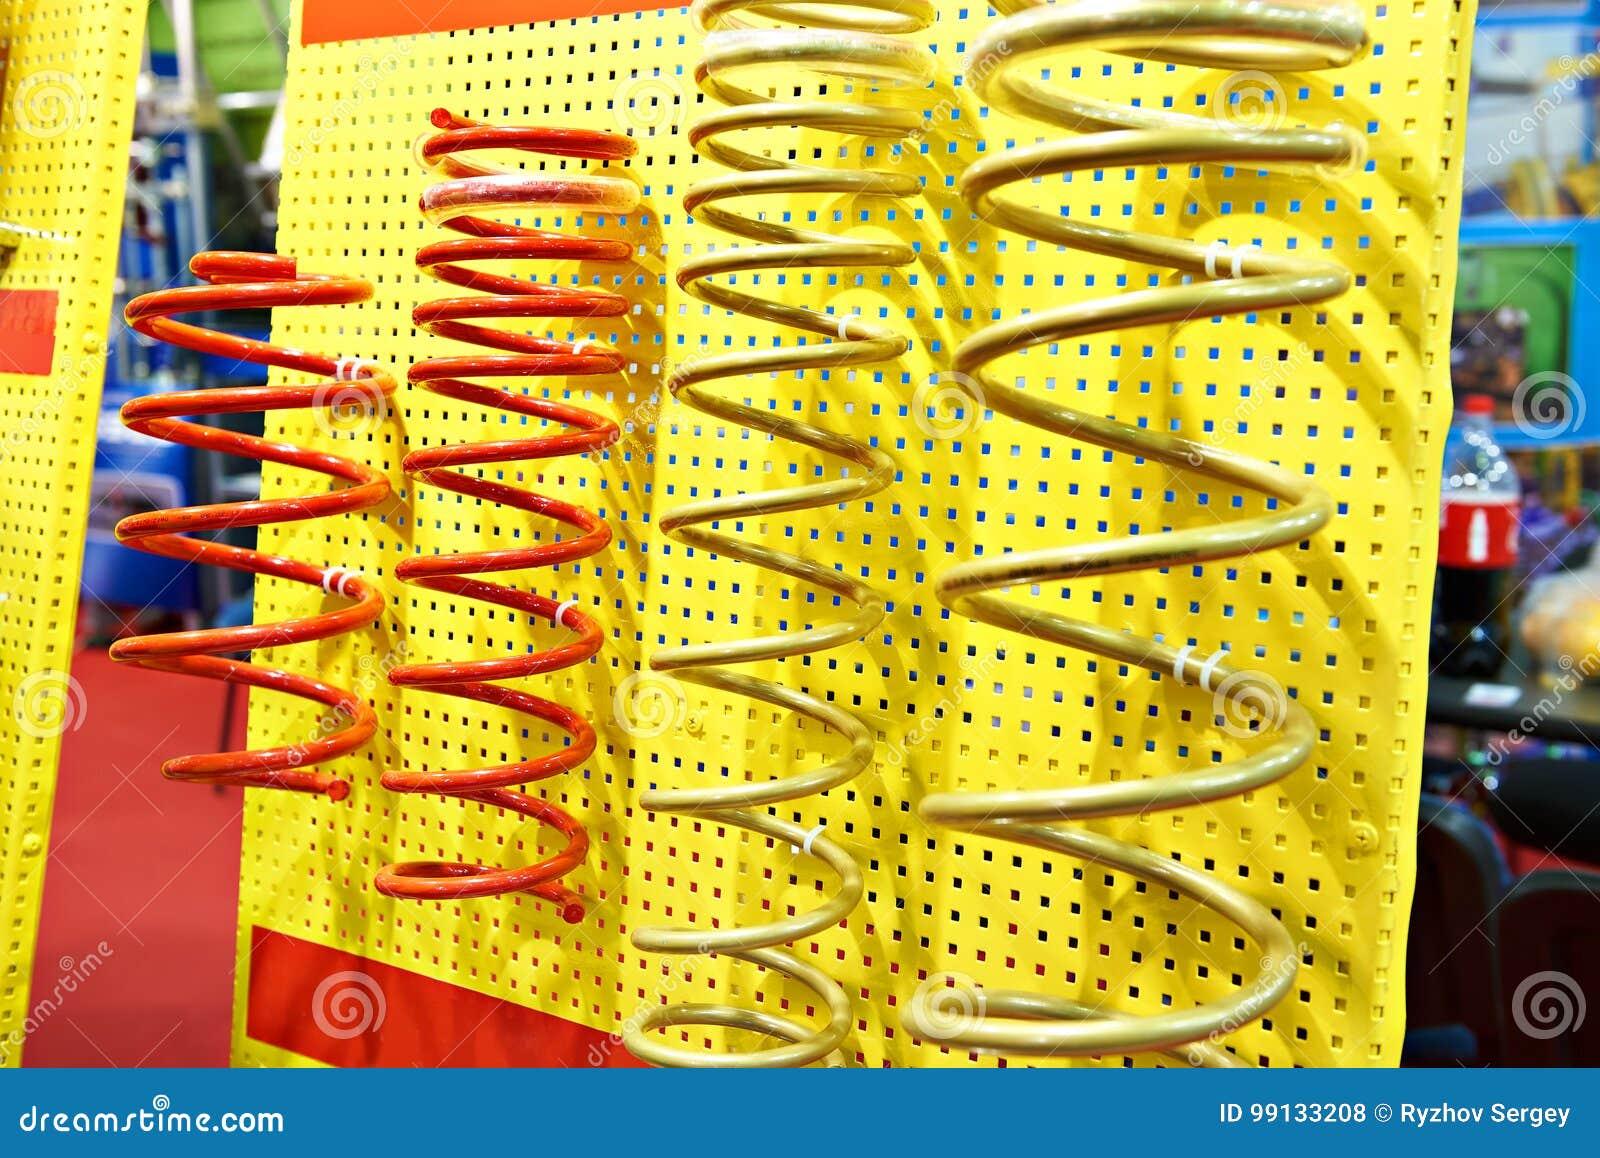 Wiosny szoków absorbery w auto część sklepie